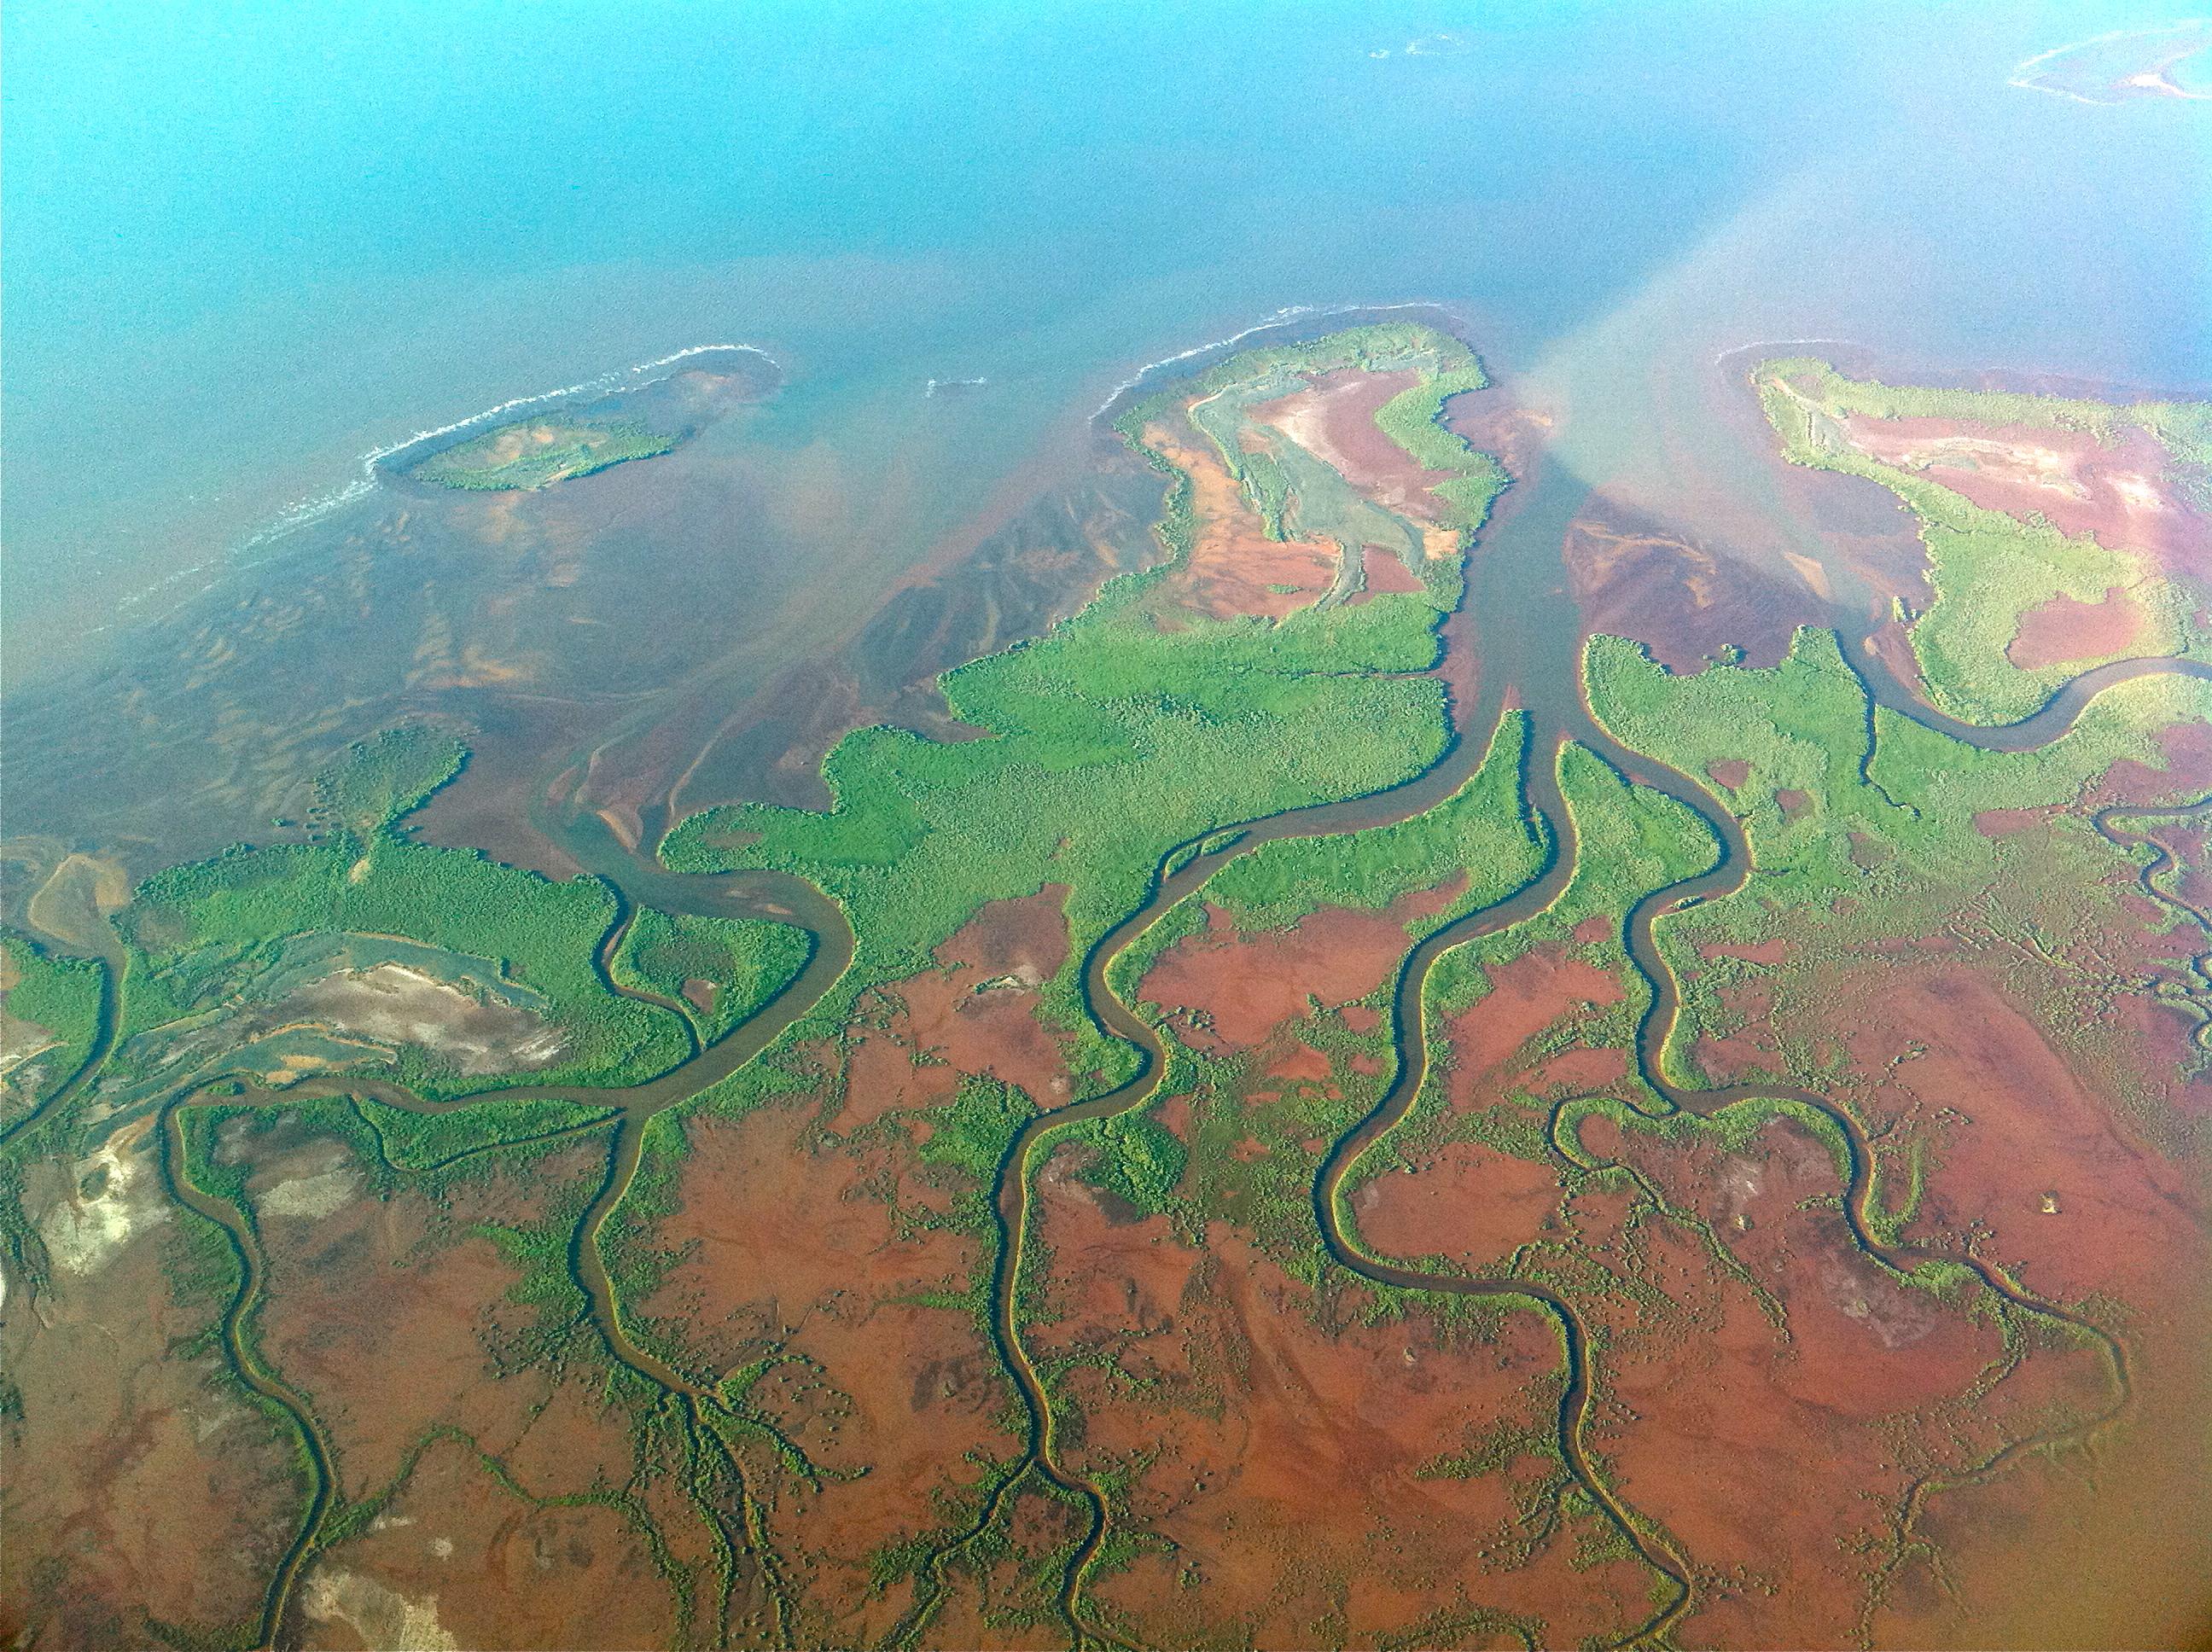 pilbara_mangroves2